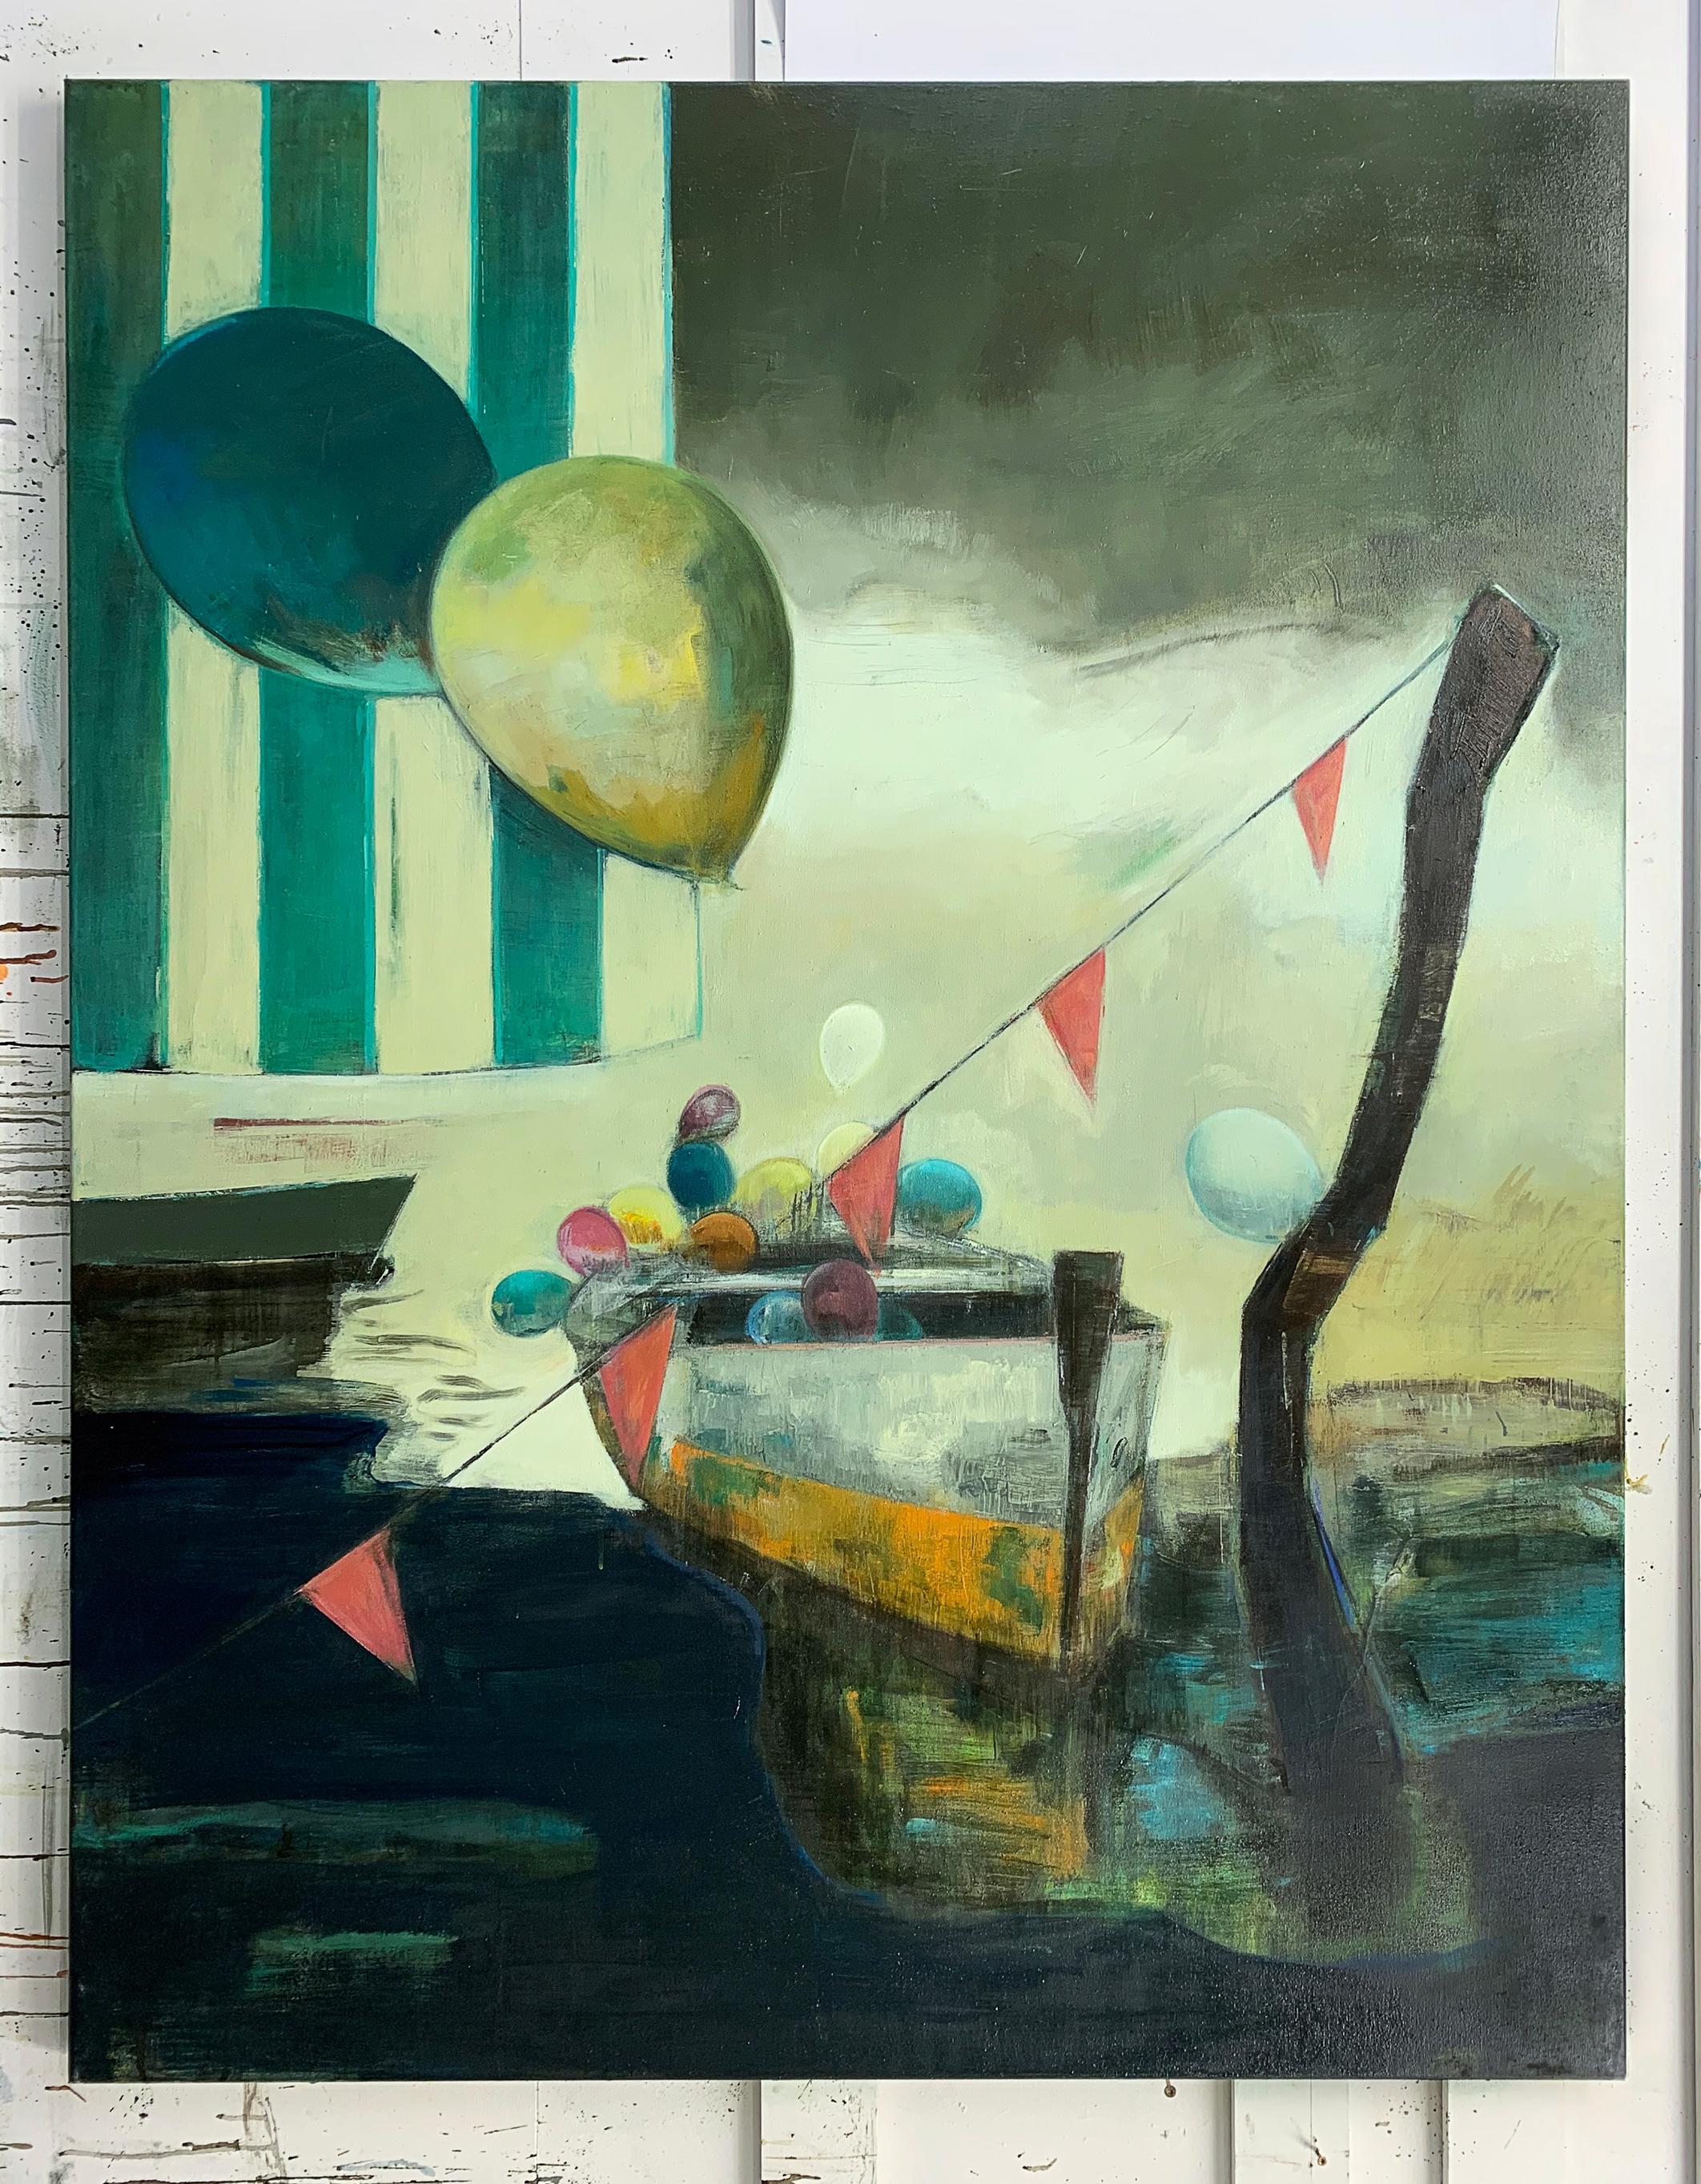 malerier, ekspressionistiske, figurative, grafiske, surrealistiske, stemninger, havet, sejlads, himmel, beige, grønne, orange, gule, akryl, kul,  bomuldslærred, olie, strand, smukke, både, lyse, samtidskunst, københavn, ekspressionisme, bolig-indretning, moderne-kunst, nordisk, udendørs, sejlbåd, skandinavisk, hav, skibe, sommer, sol, fartøjer, vand, Køb original kunst og kunstplakater. Malerier, tegninger, limited edition kunsttryk & plakater af dygtige kunstnere.